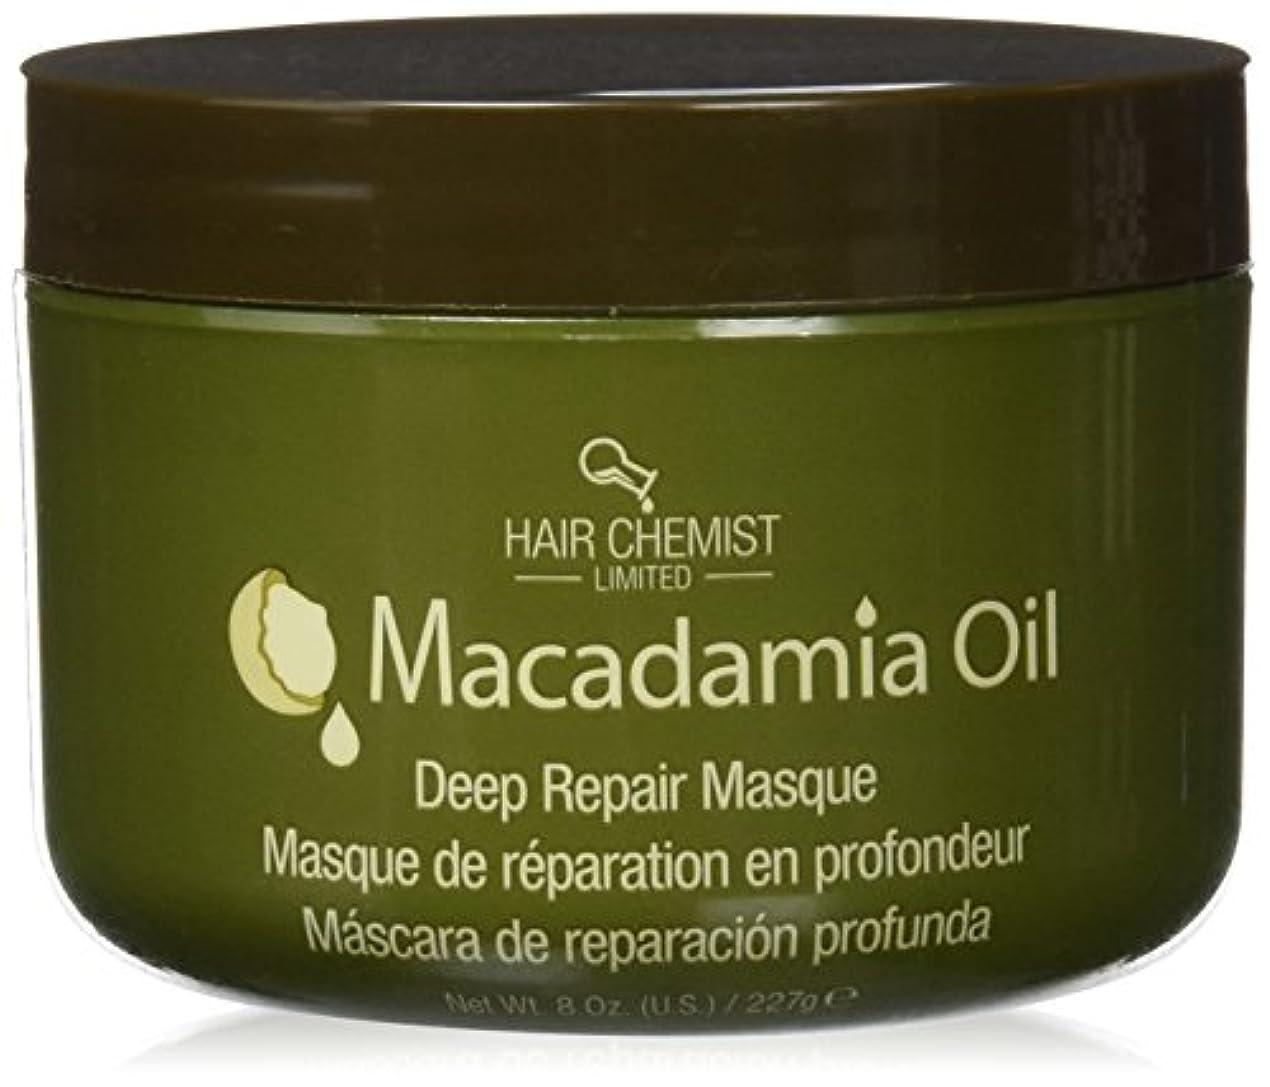 十代ふざけた反応するHair Chemist ヘアマスク マカダミア オイル ディープリペアマスク 227g Macadamia Oil Deep Repair Mask 1434 New York